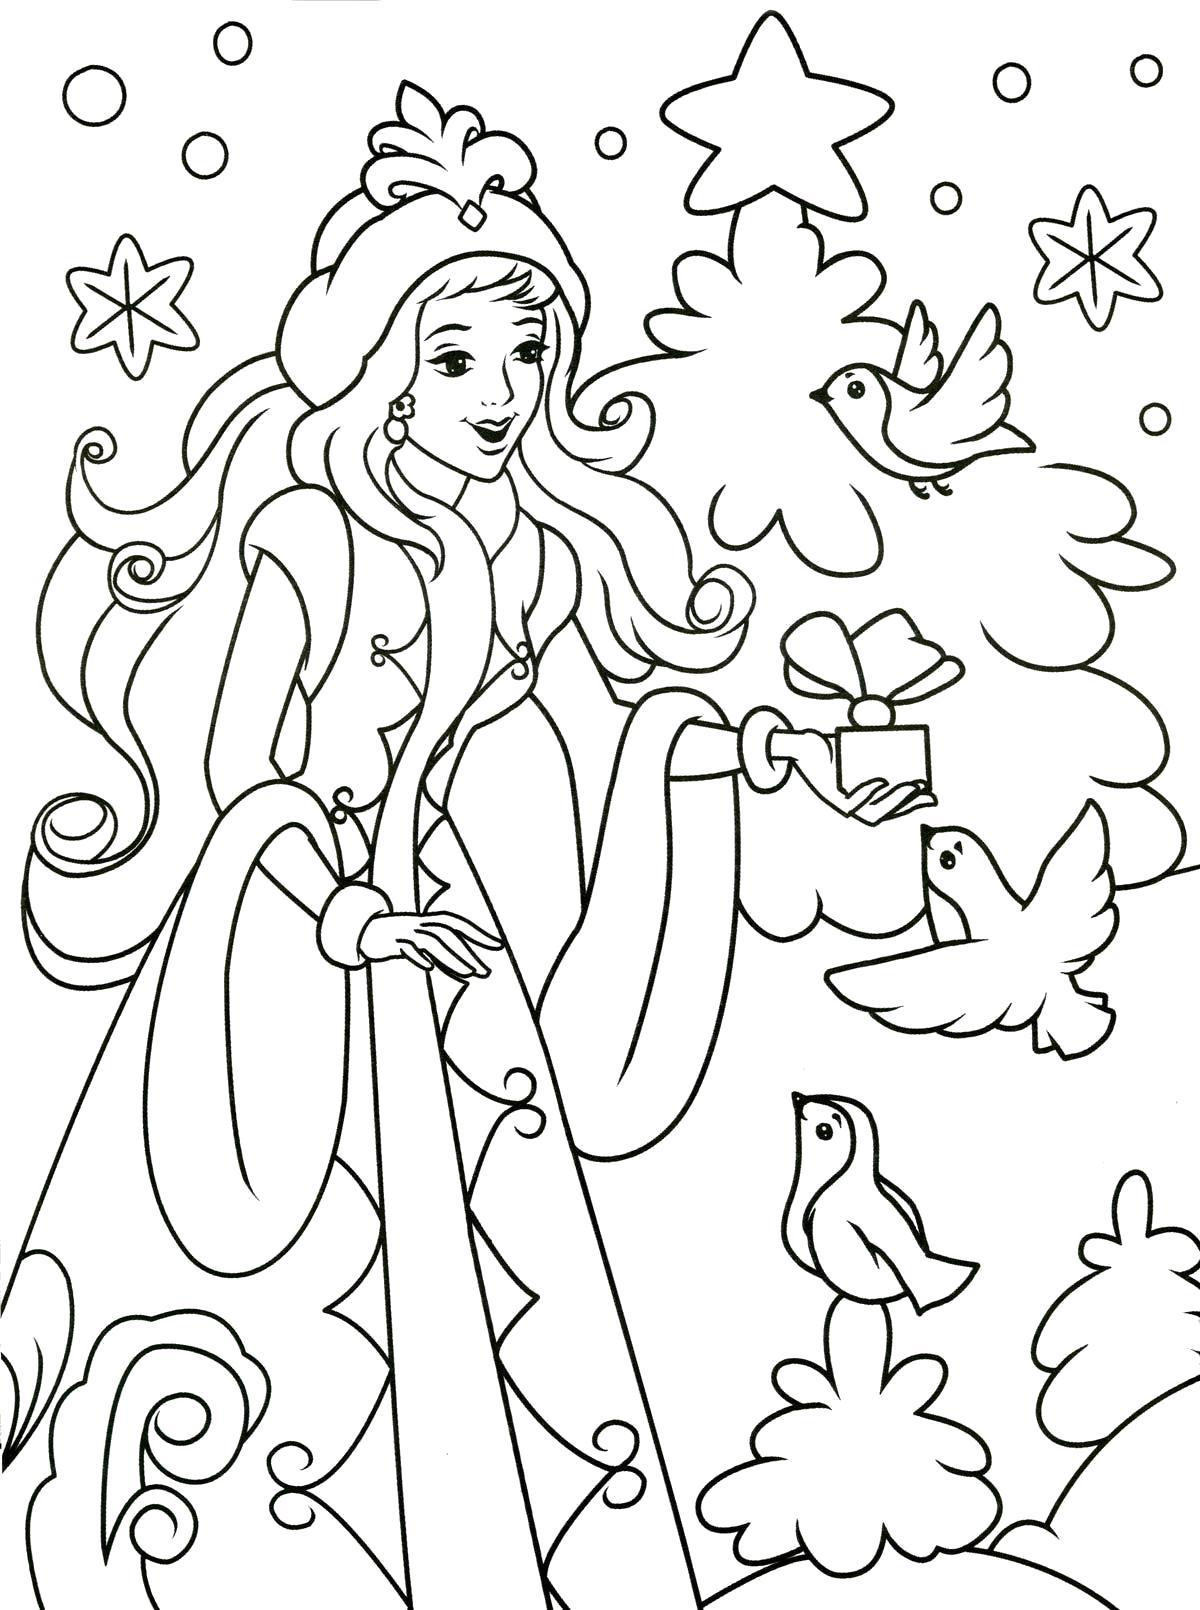 Раскраска снегурочка с подарком. Скачать Снегурочка.  Распечатать Снегурочка